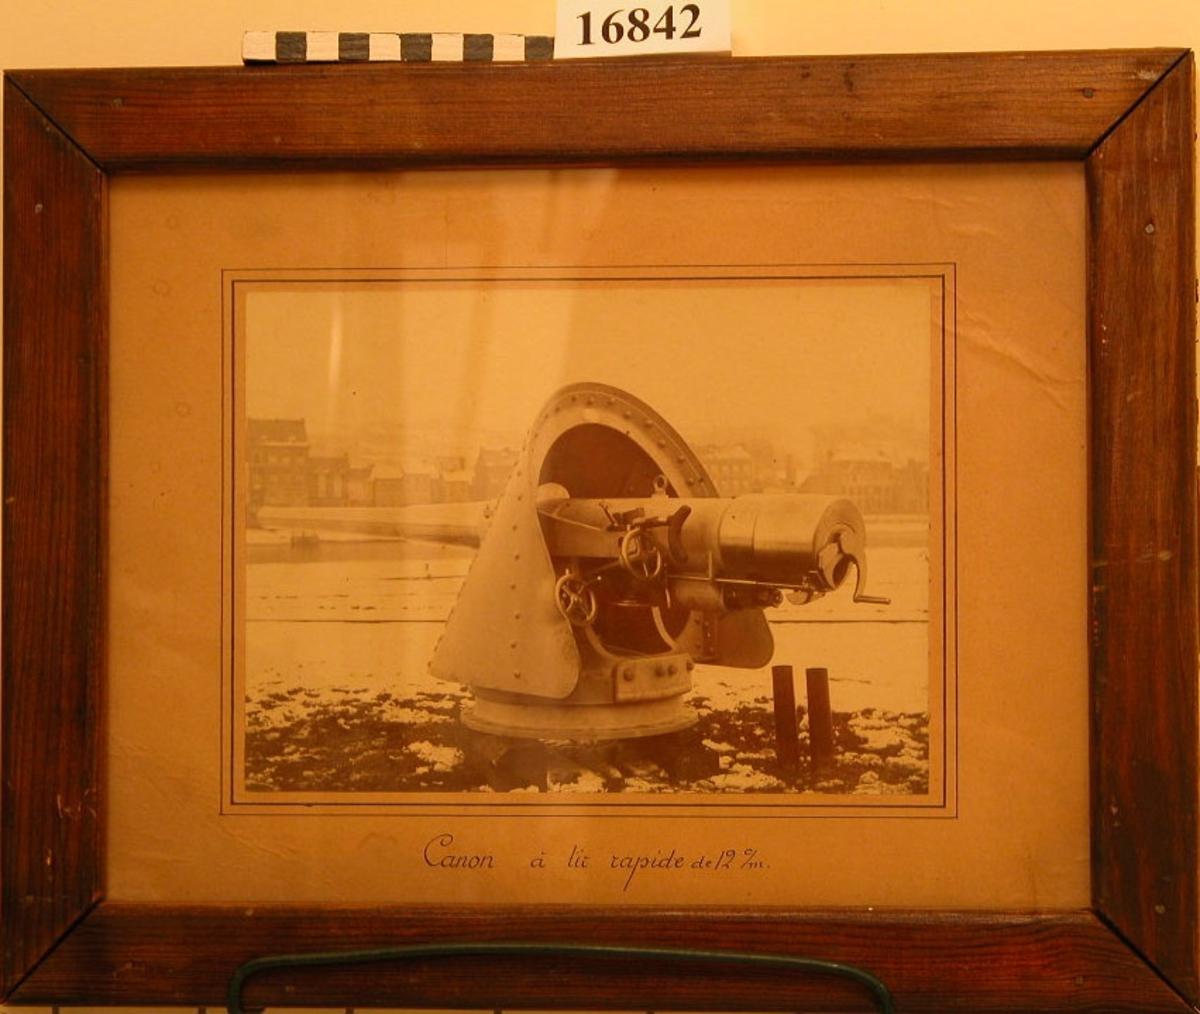 """Svartvitt fotografi inom glas och ram. Bilden visar kanon på däckslavett (troligen modell från 1:a världskriget). Den är här placerad på land, uppallad på träbalkar. Marken är täckt med snö, bakgrunden flod eller kanal med stadsbebyggelse på andra sidan. Fotografiet är klistrat på brunt papper som är utaformat som passpartont. Under bilden står skrivet: """"Canon á lit rapide de 12 c/m"""". Ramen är av brunbetsad furu, 33 mm bred, plywood på baksidan. Neg.nr A144  4:32A  33A"""